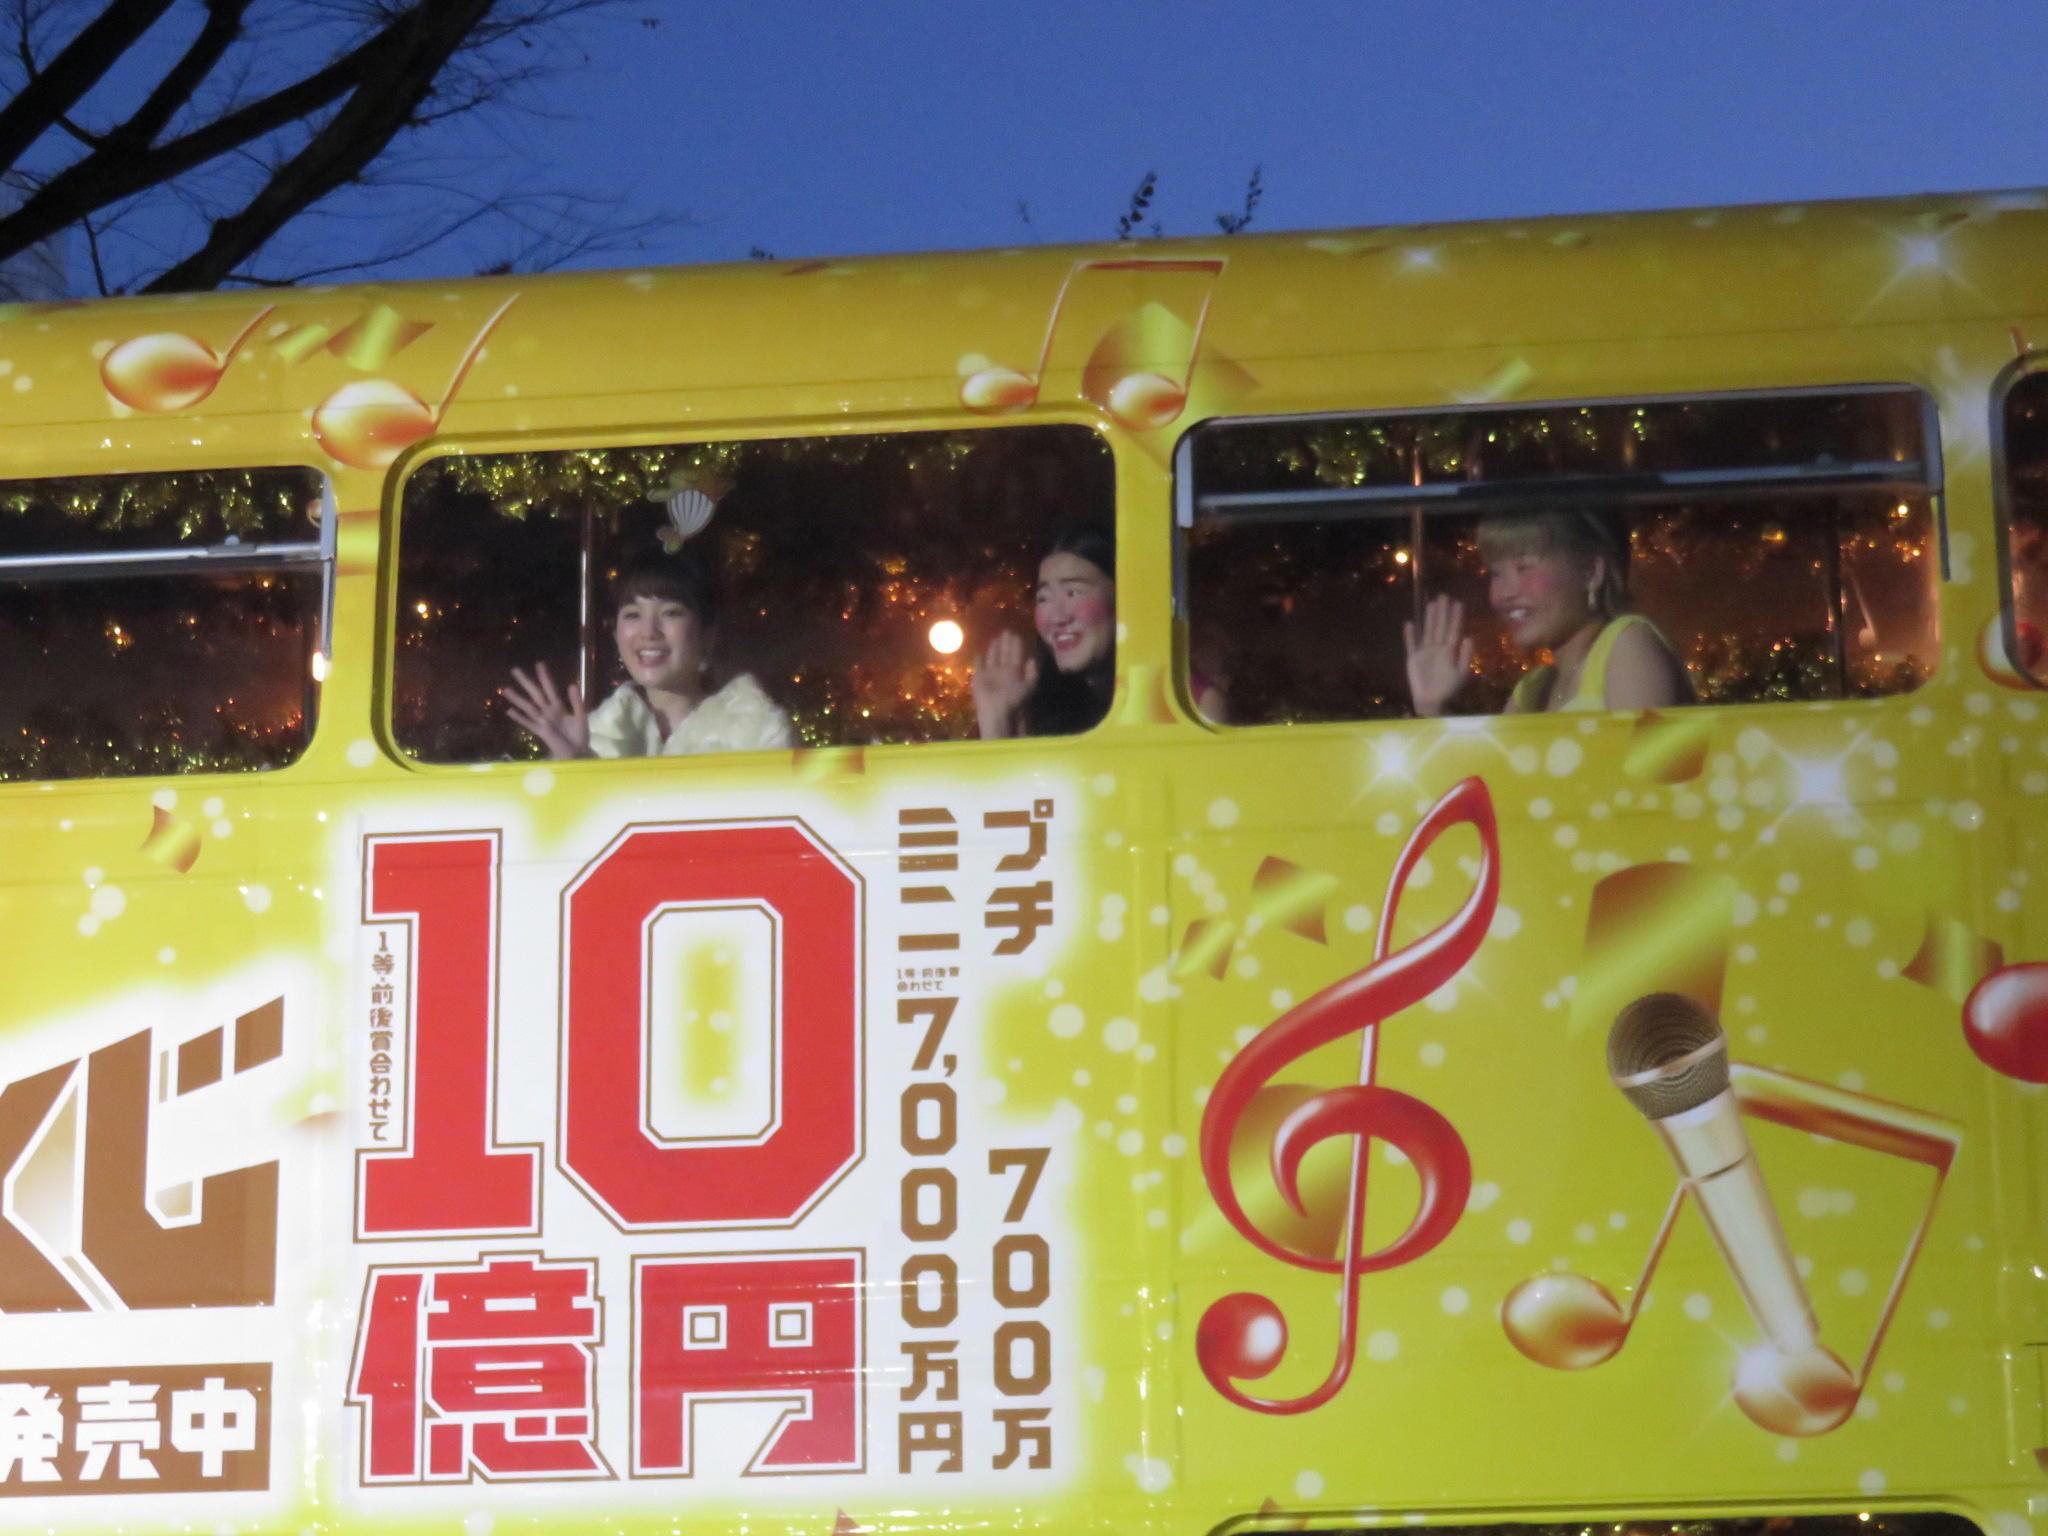 http://news.yoshimoto.co.jp/20171206224002-f5a68fb0d71f46a8d0a2cf9162d308d5a1aa844e.jpg